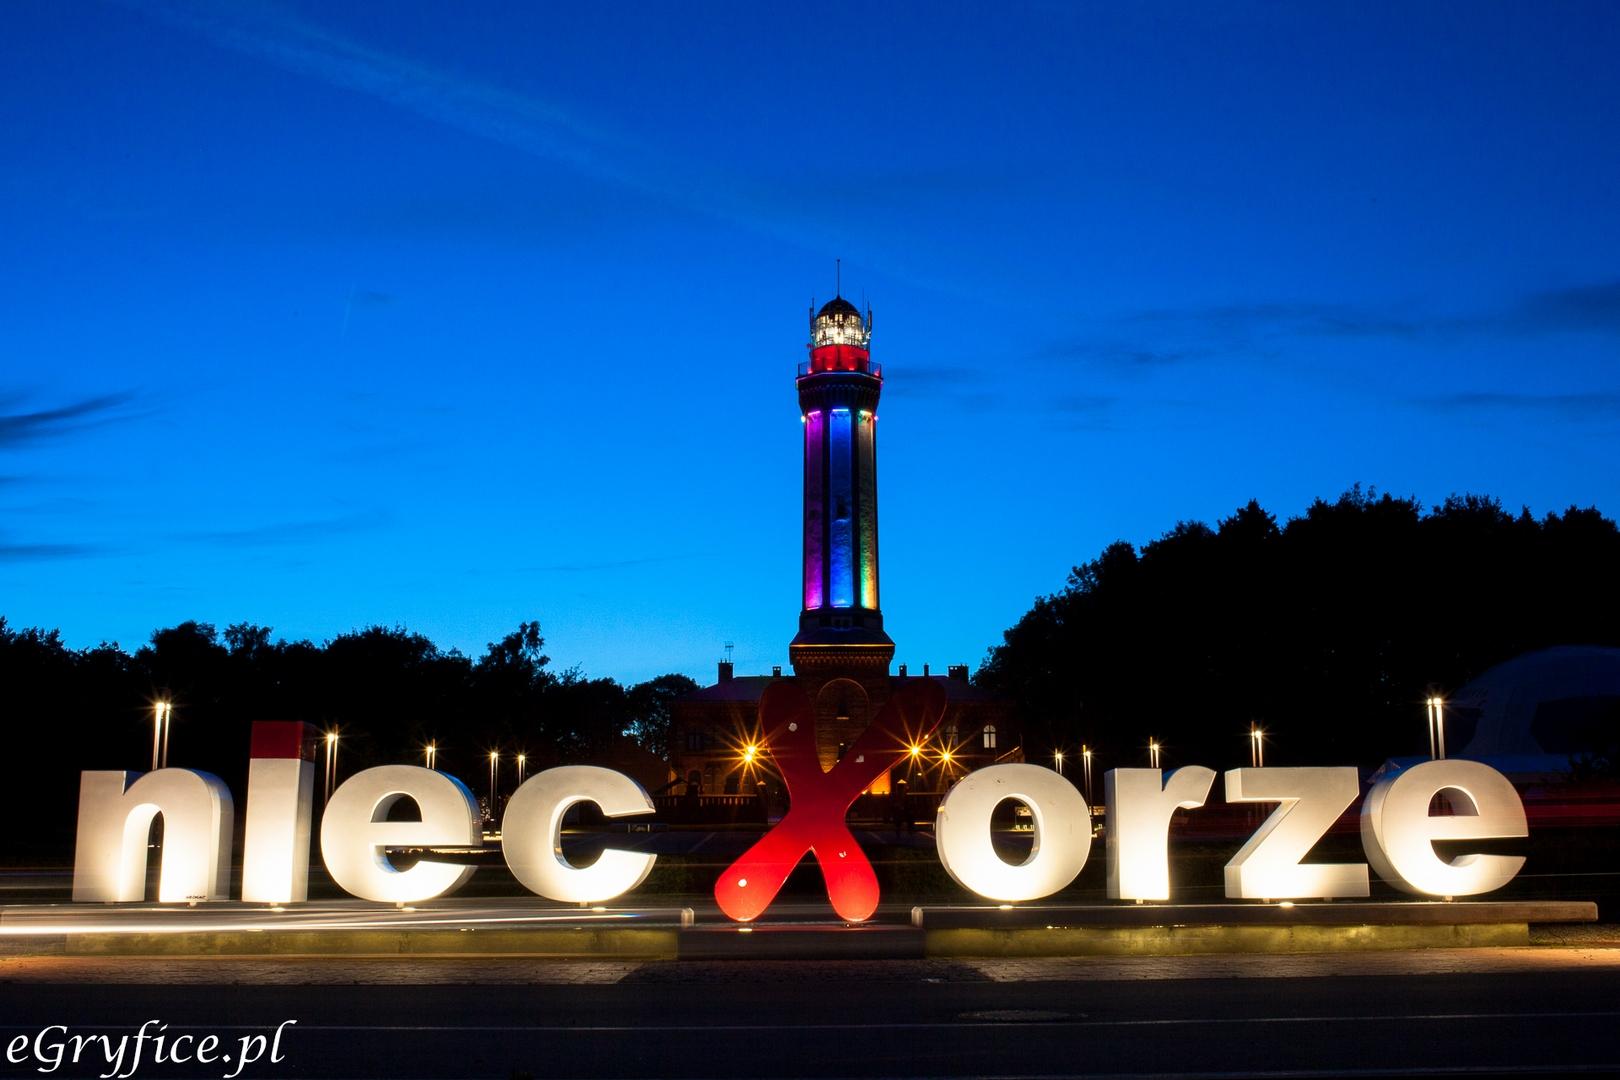 Widok na latarnię morską i wielki napis Niechorze, będący popularnym miejscem do robienia pamiątkowych zdjęć. Turyści mogą liczyć na niskie ceny kwater prywatnych i dostępność lepszych hoteli i pensjonatów.